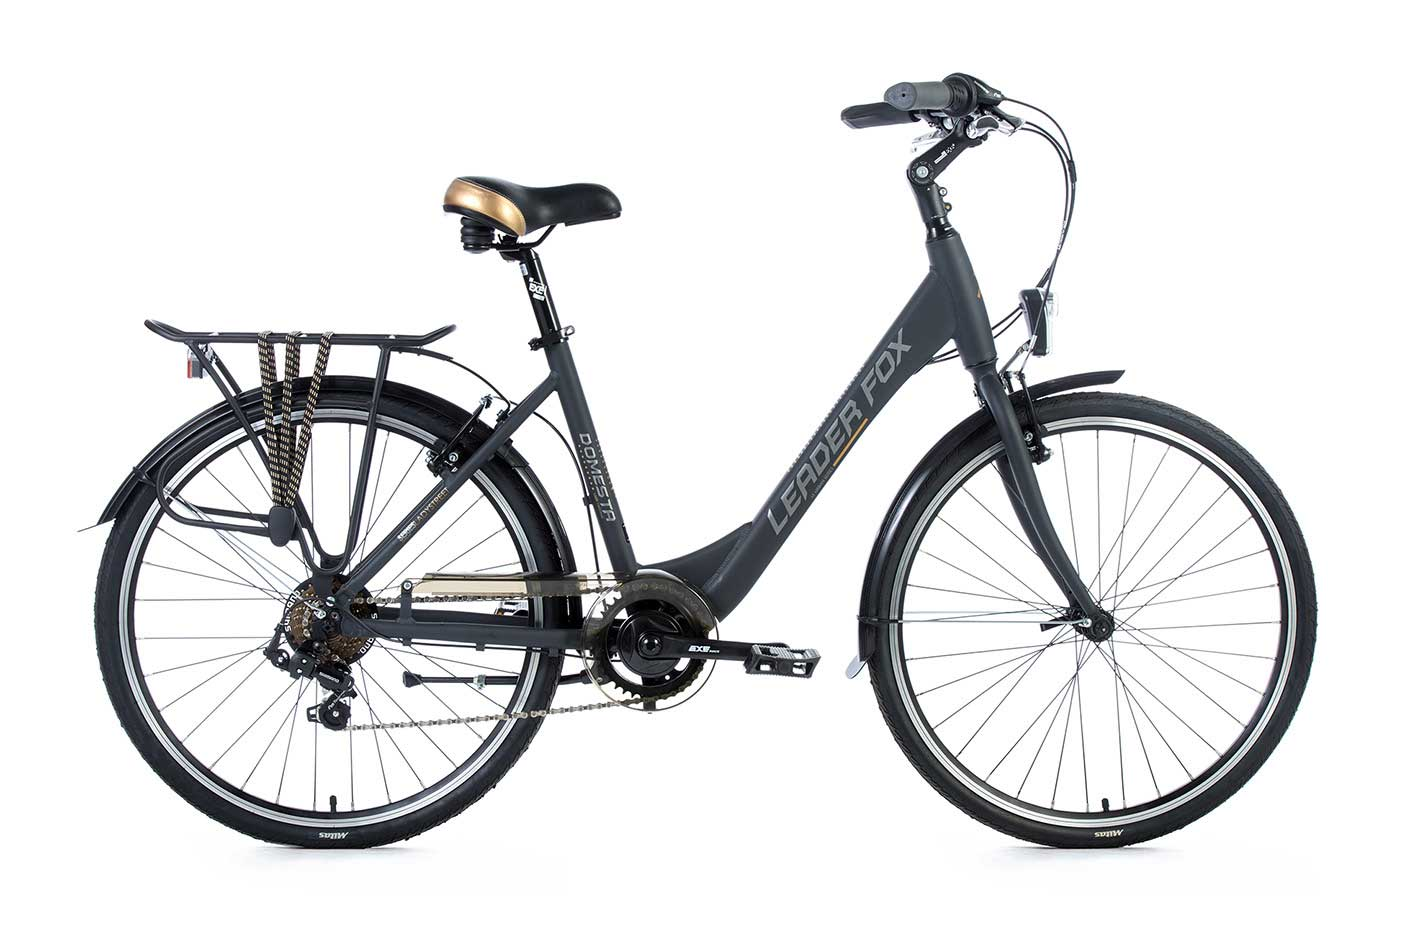 Bicicleta de Oras Leader Fox Domesta, 7 viteze, roata 26 inch